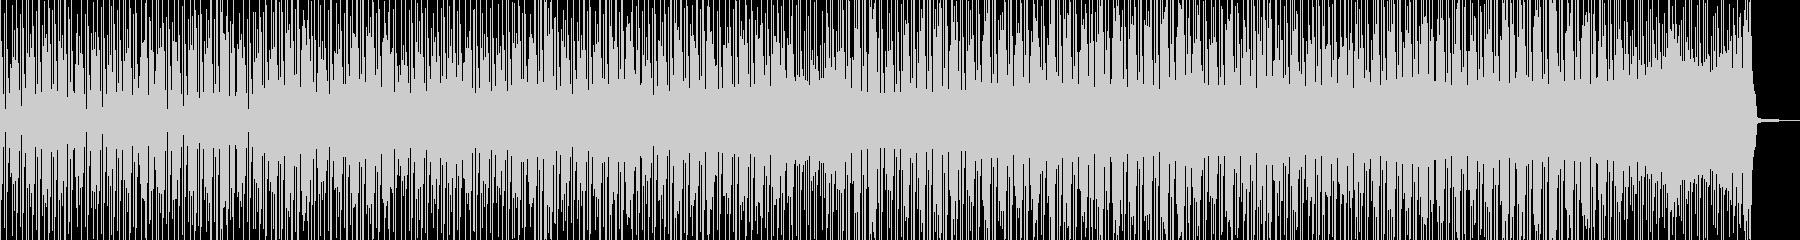 徐々に賑わう動画に・2部構成ポップス Bの未再生の波形